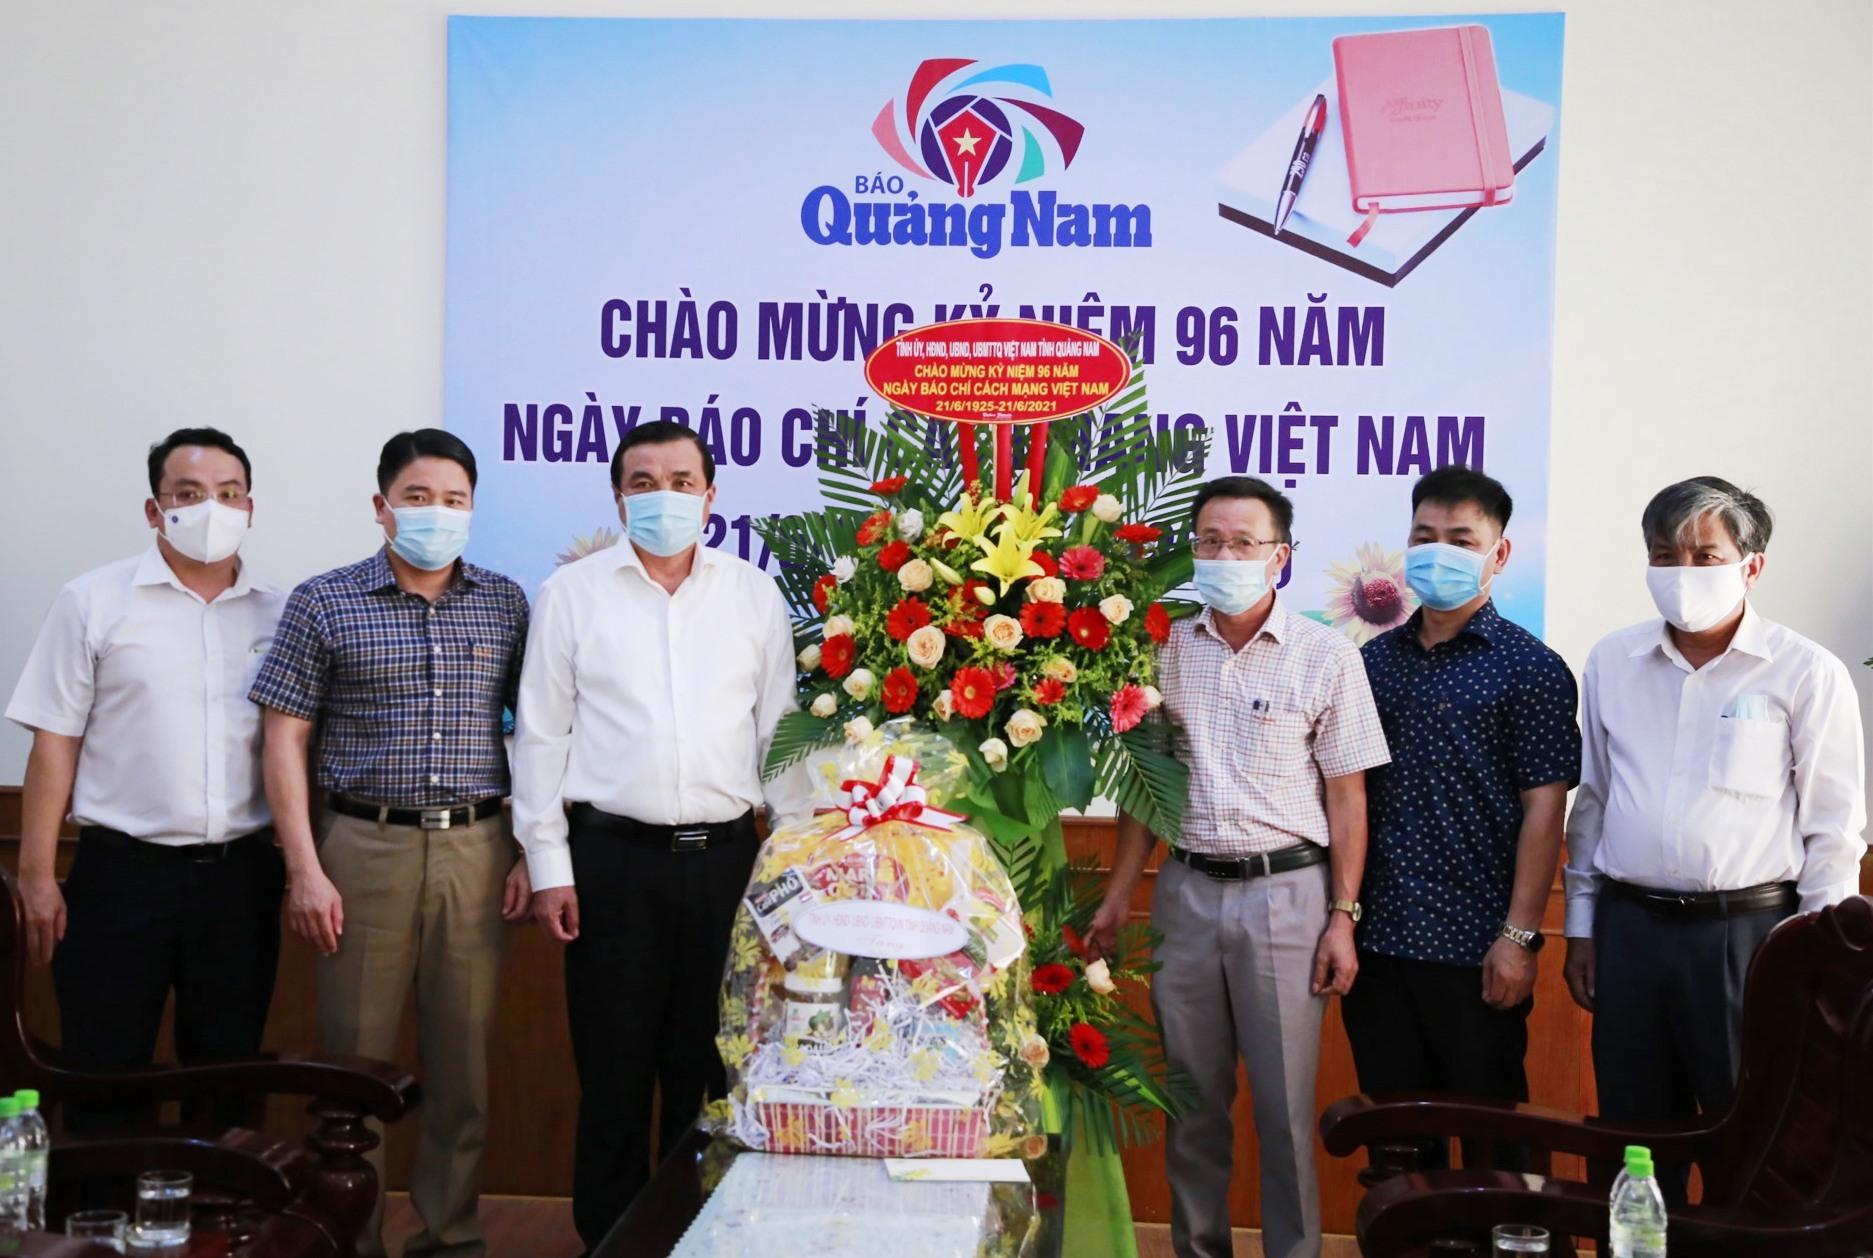 Đồng chí Phan Việt Cường và đoàn công tác tặng lẵng hoa, quà cho tập thể Báo Quảng Nam. Ảnh: T.C